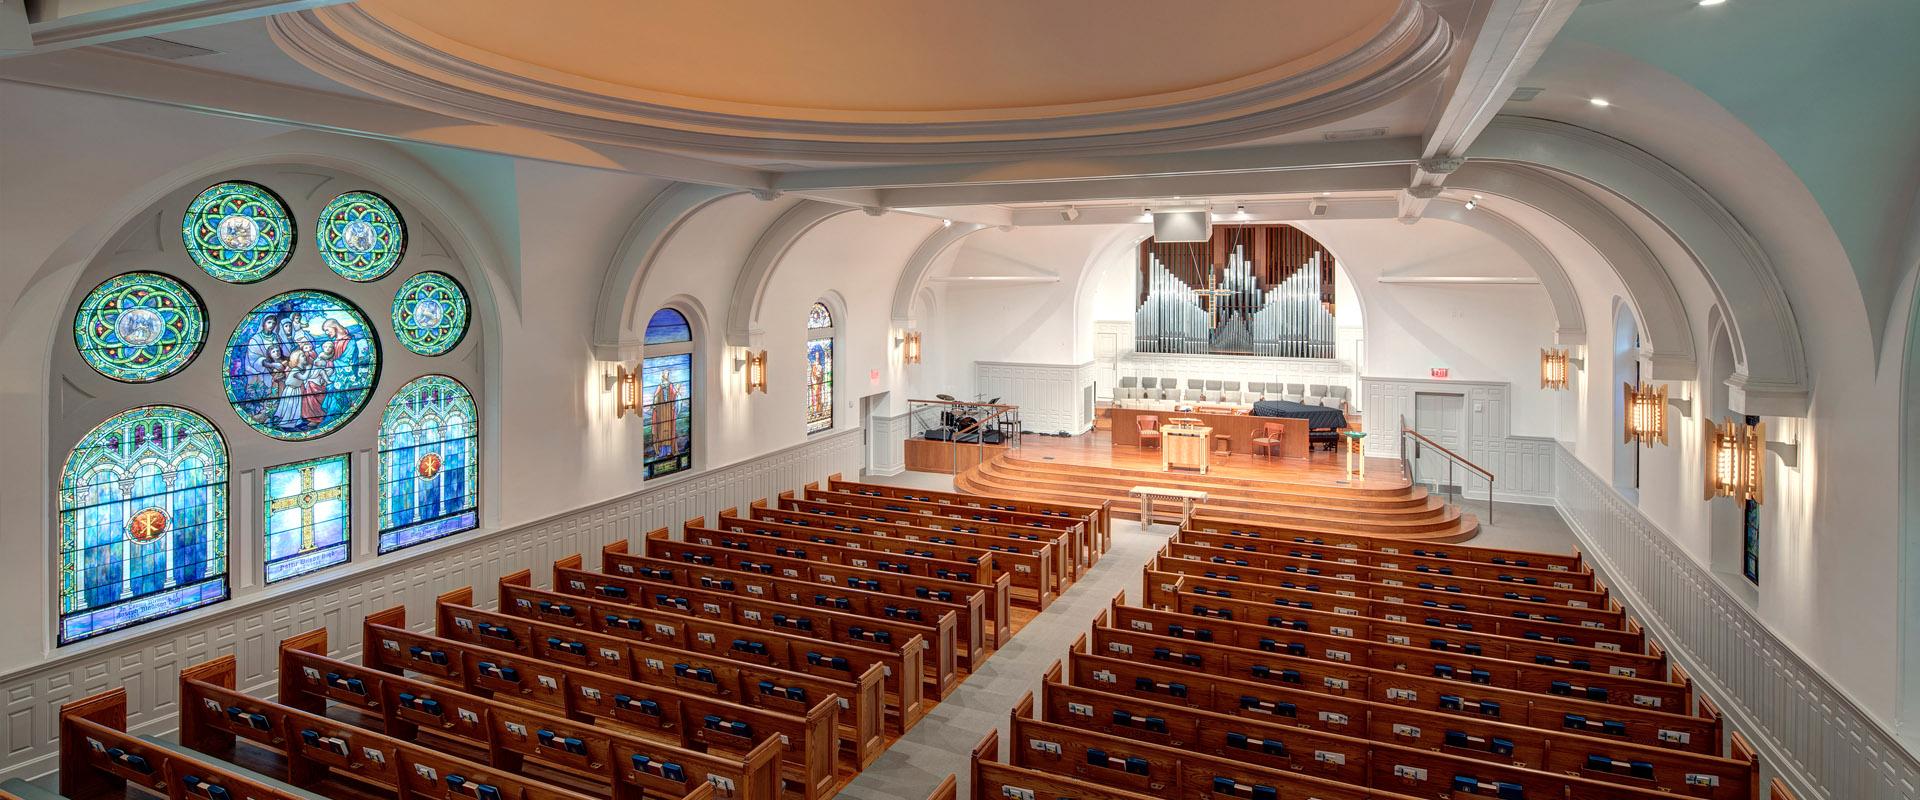 North Avenue Presbyterian Church - Sanctuary